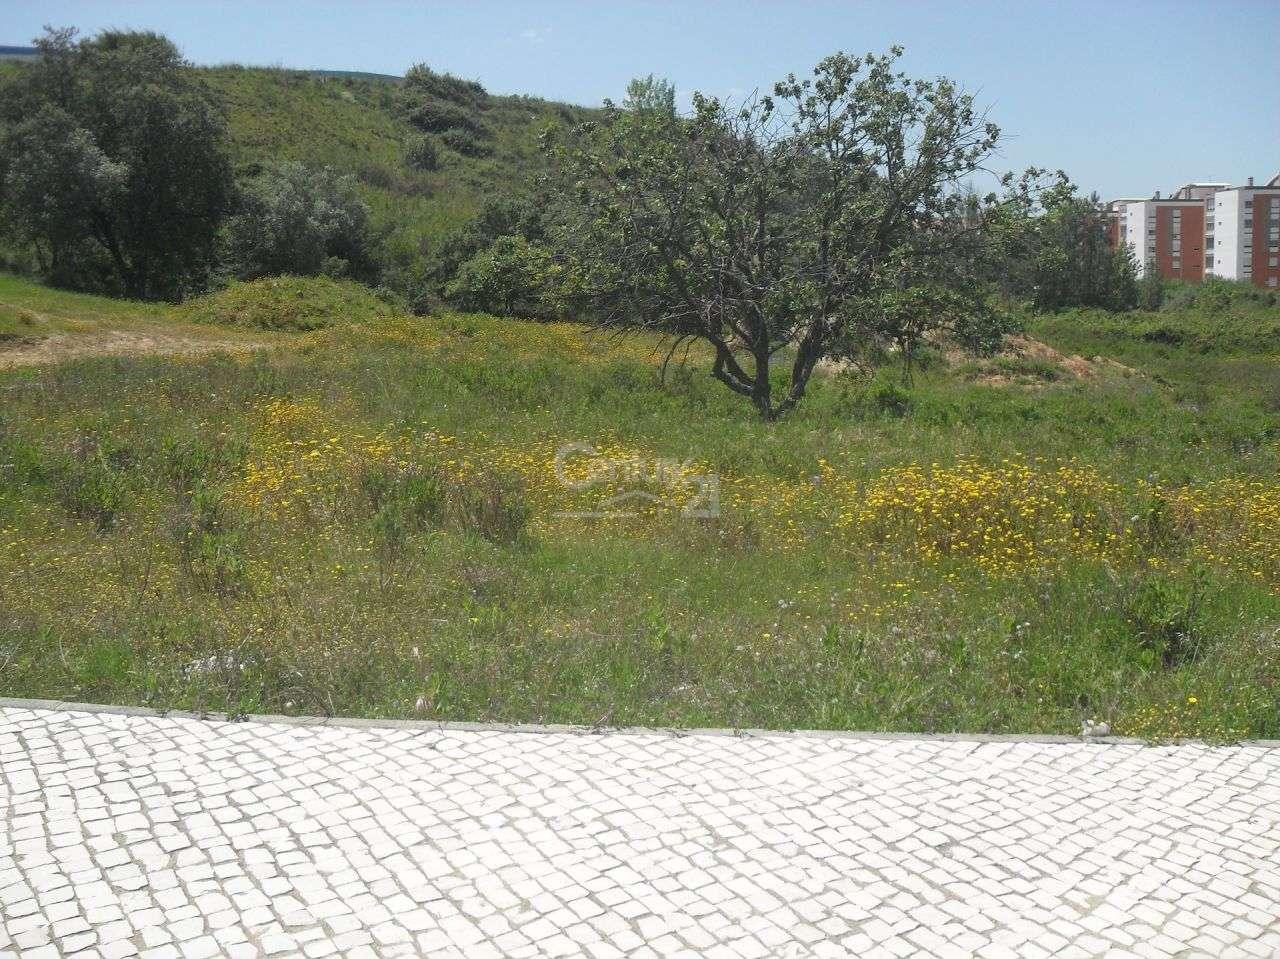 Terreno para comprar, Santarém (Marvila), Santa Iria da Ribeira de Santarém, Santarém (São Salvador) e Santarém (São Nicolau), Santarém - Foto 1